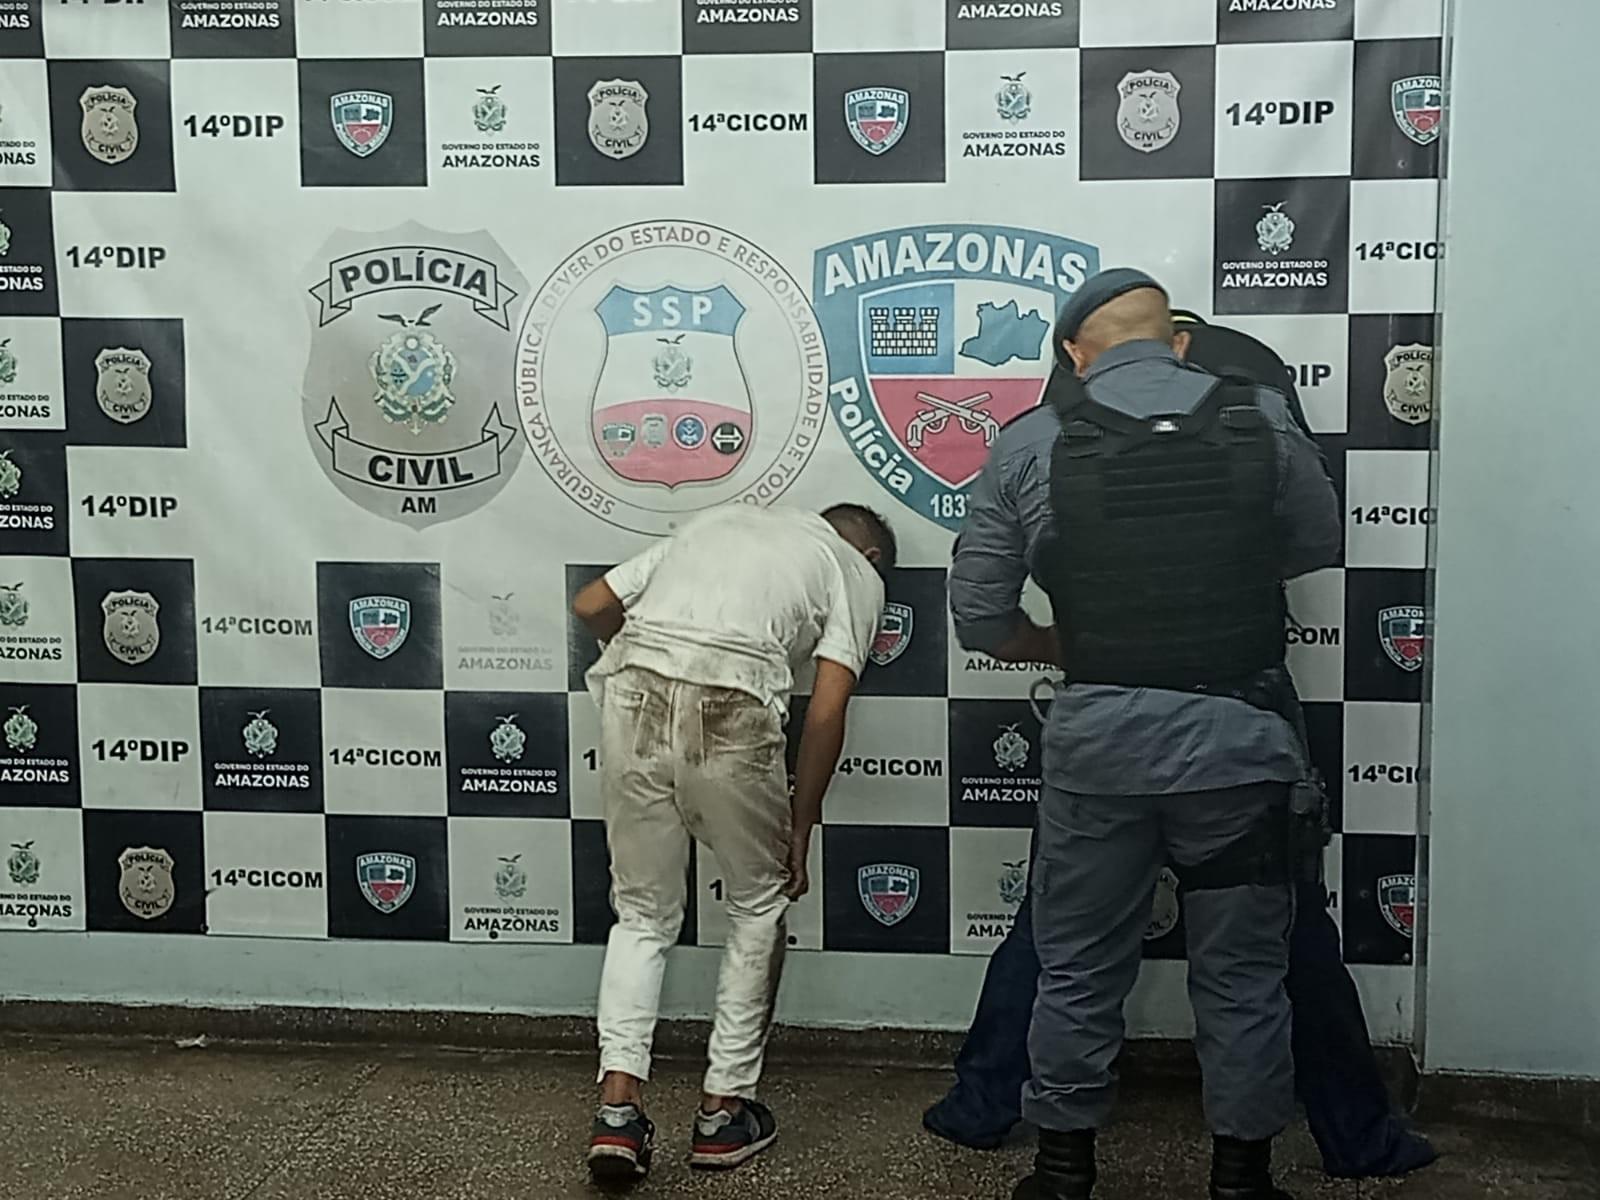 Dupla é presa após invadir e assaltar clínica odontológica em Manaus